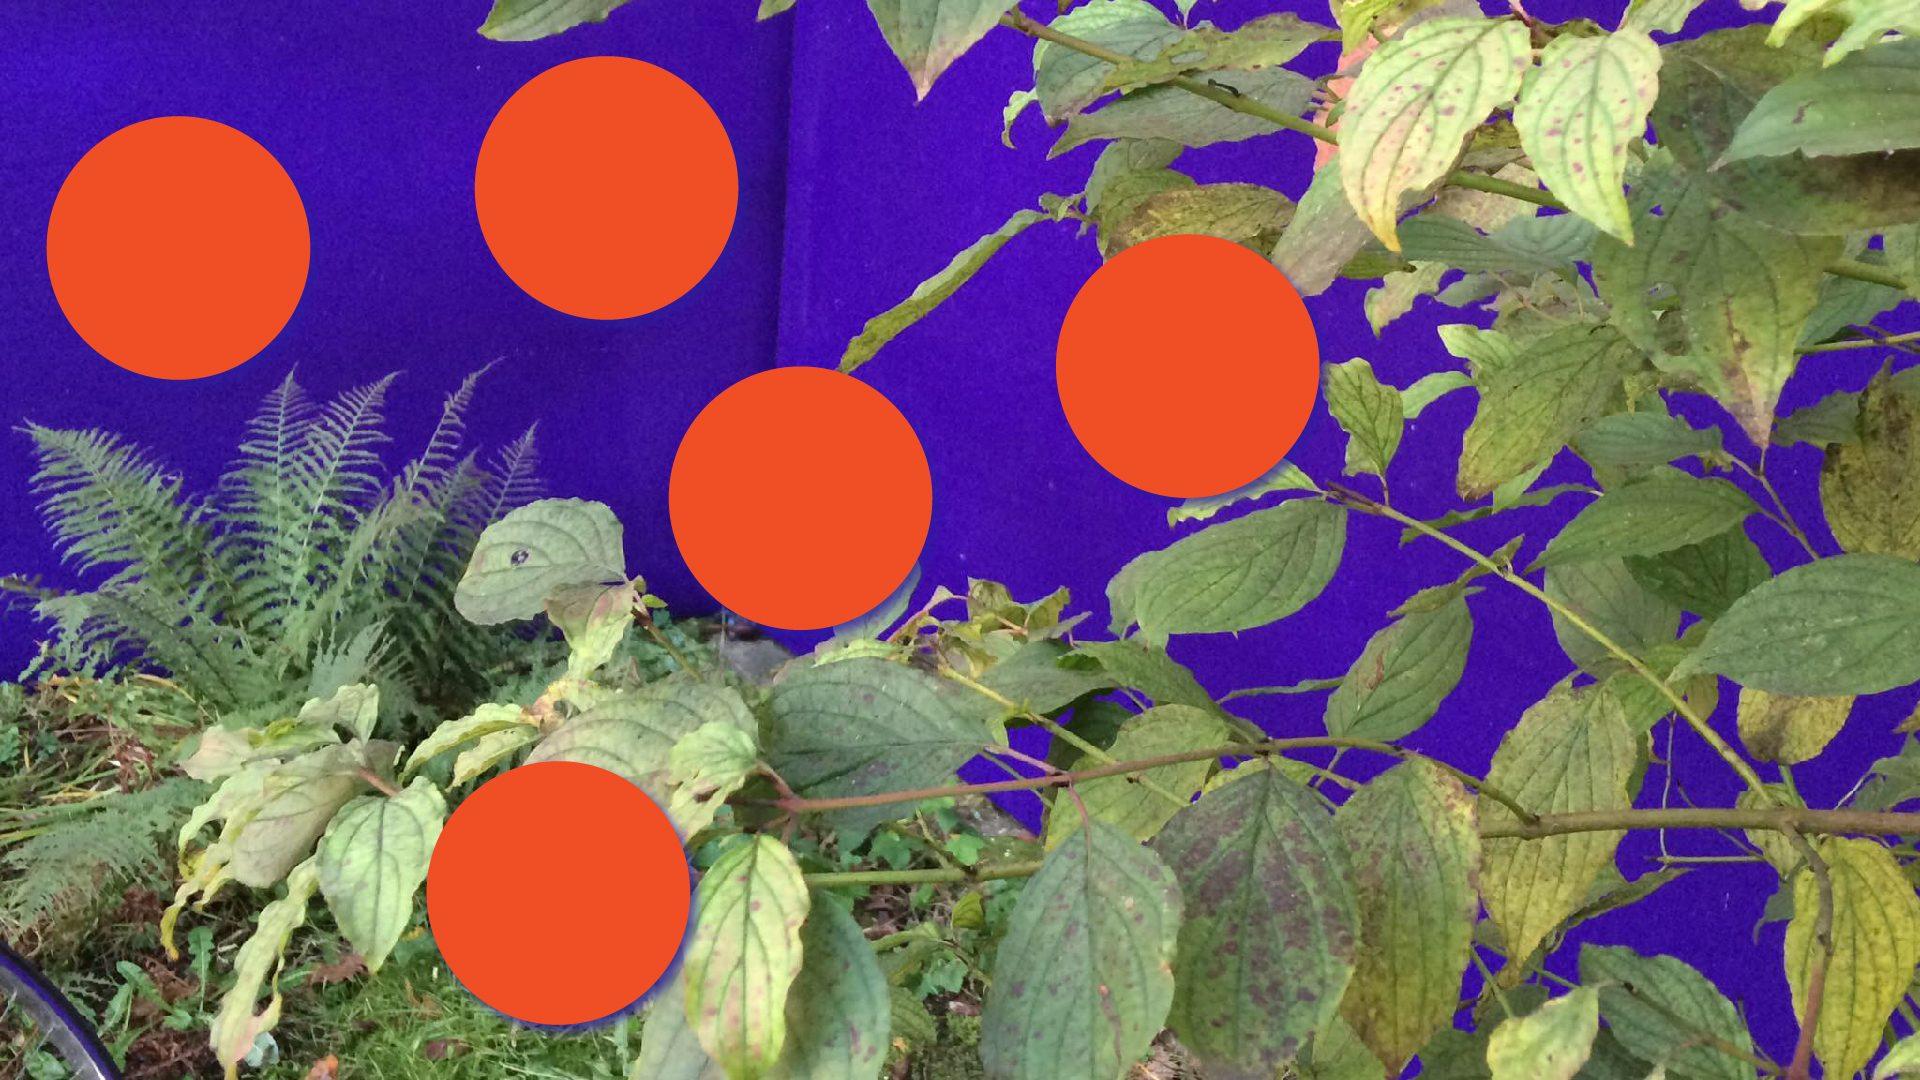 """Penktojoje """"Radijo pievelės"""" laidoje kalba Vilniaus universiteto profesorius Rimvydas Laužikas apie Vilniaus miestą, istorinius sodus bei sodininkavimo kontekstus. Jei sėstume į laiko mašiną ir nusikeltume kelis šimtus metų atgal, kokiose vietose buvo esminiai Vilniaus sodai, ar yra kažkas išlikę iki šių dienų? Kokie konkretūs sodai ir sodininkai buvo svarbūs Lietuvos pomologijai? Kaip vaisiuose atsispindi idėjos ir kultūra?"""